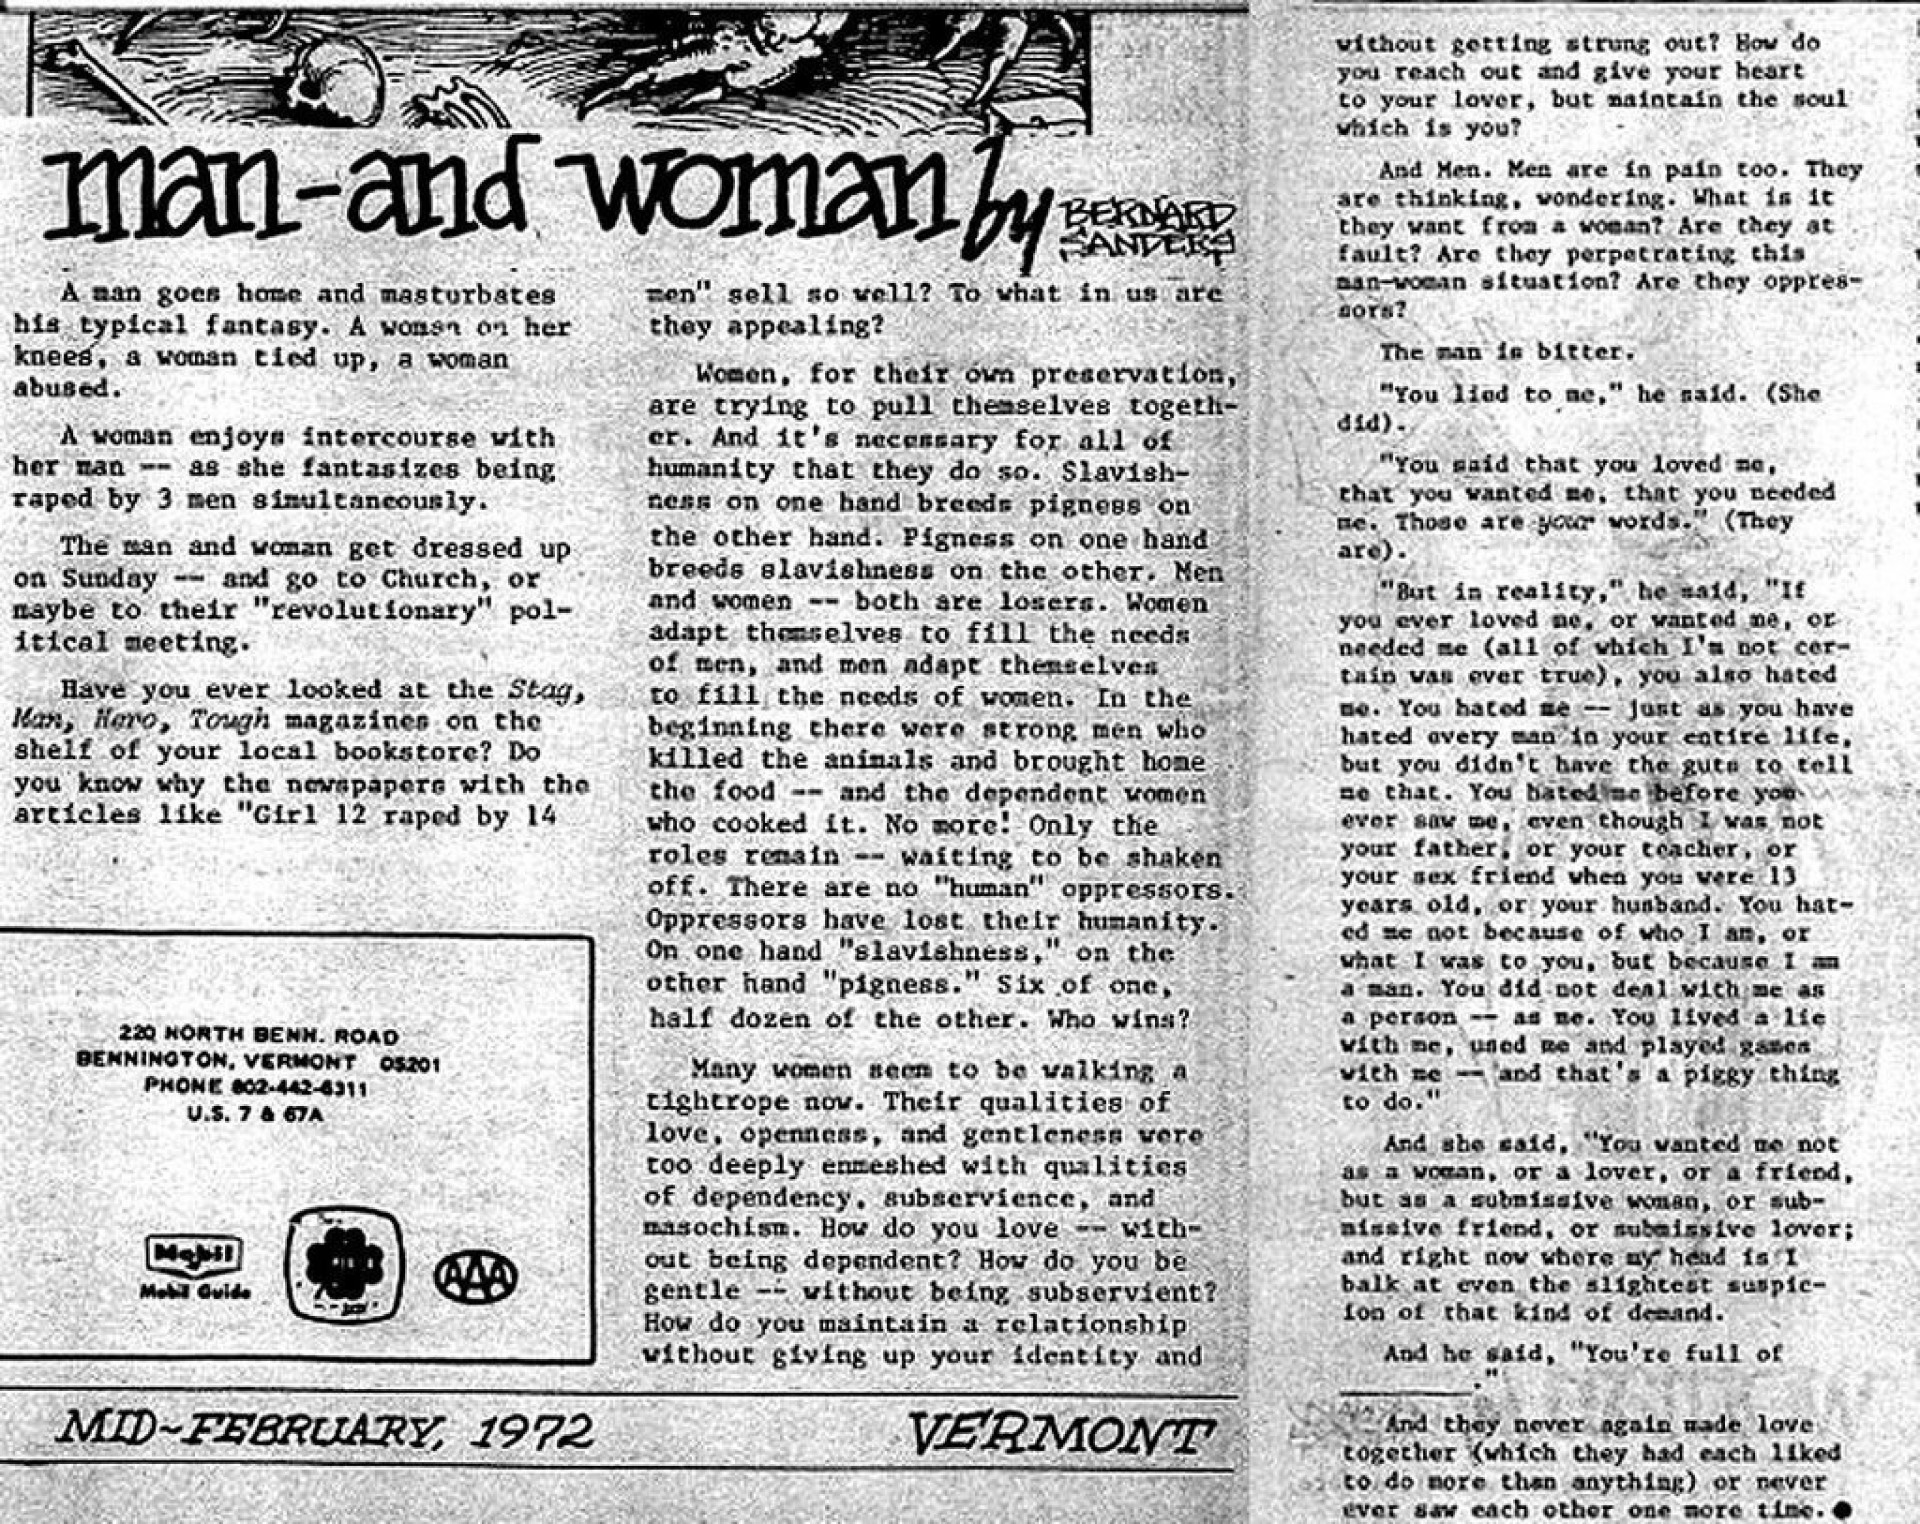 003 Bernie Sanders Rape Essay Dpm Wcduiaa4vmx Phenomenal 1920